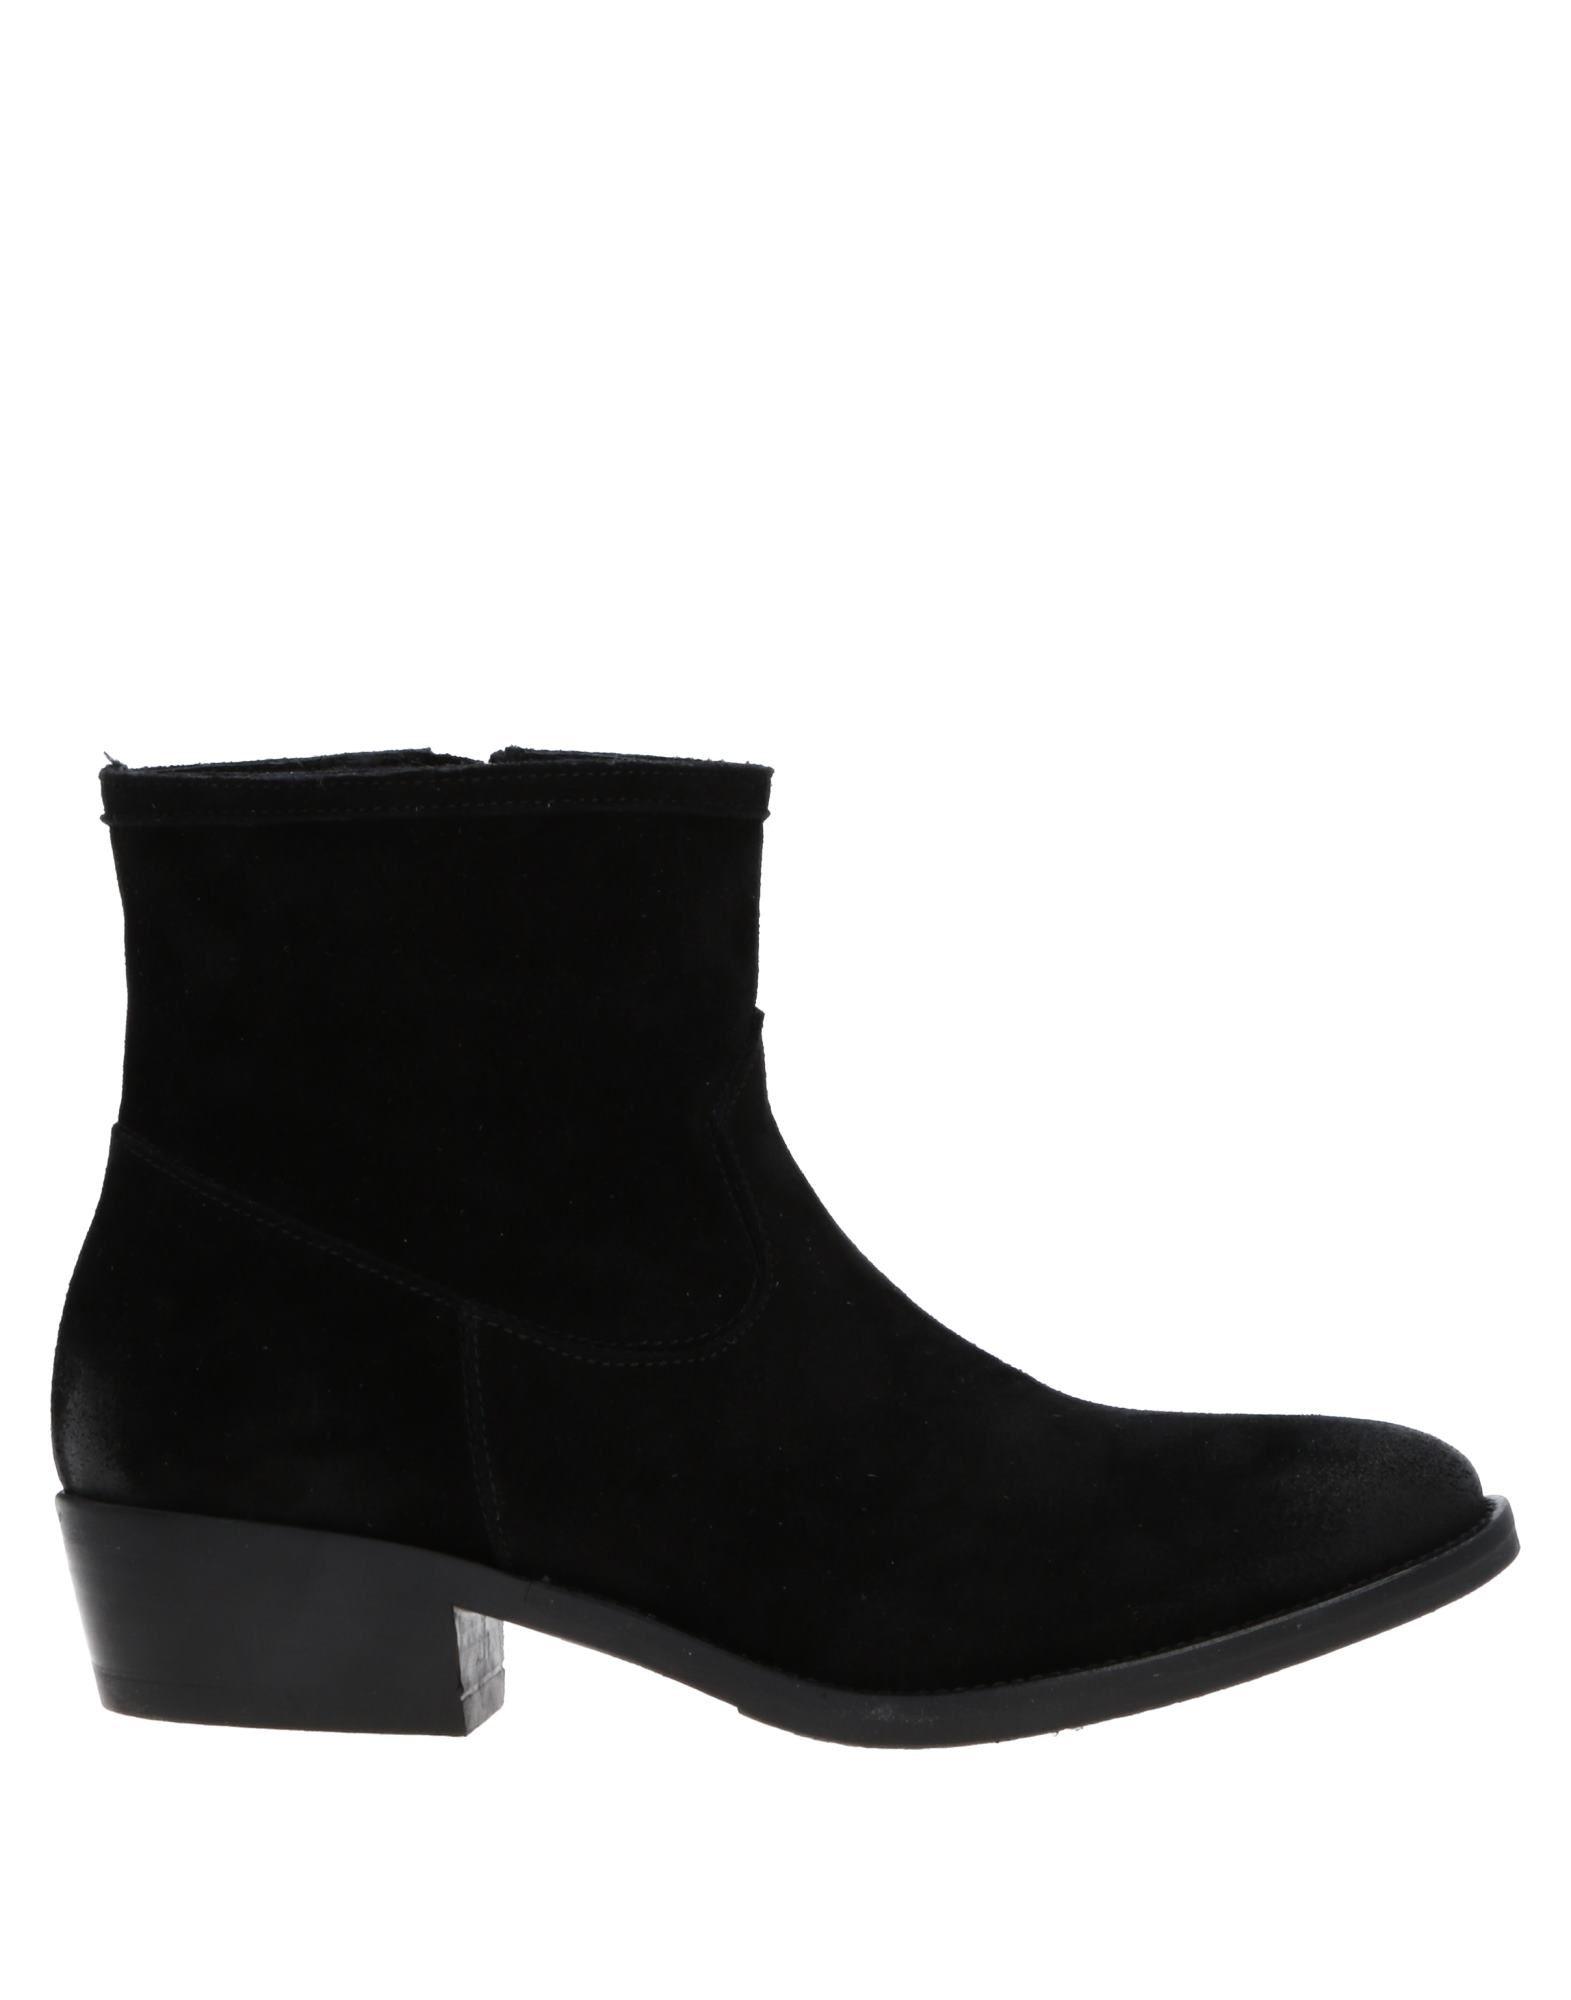 A&M Collection Stiefelette Damen  11518137CE Gute Qualität beliebte Schuhe